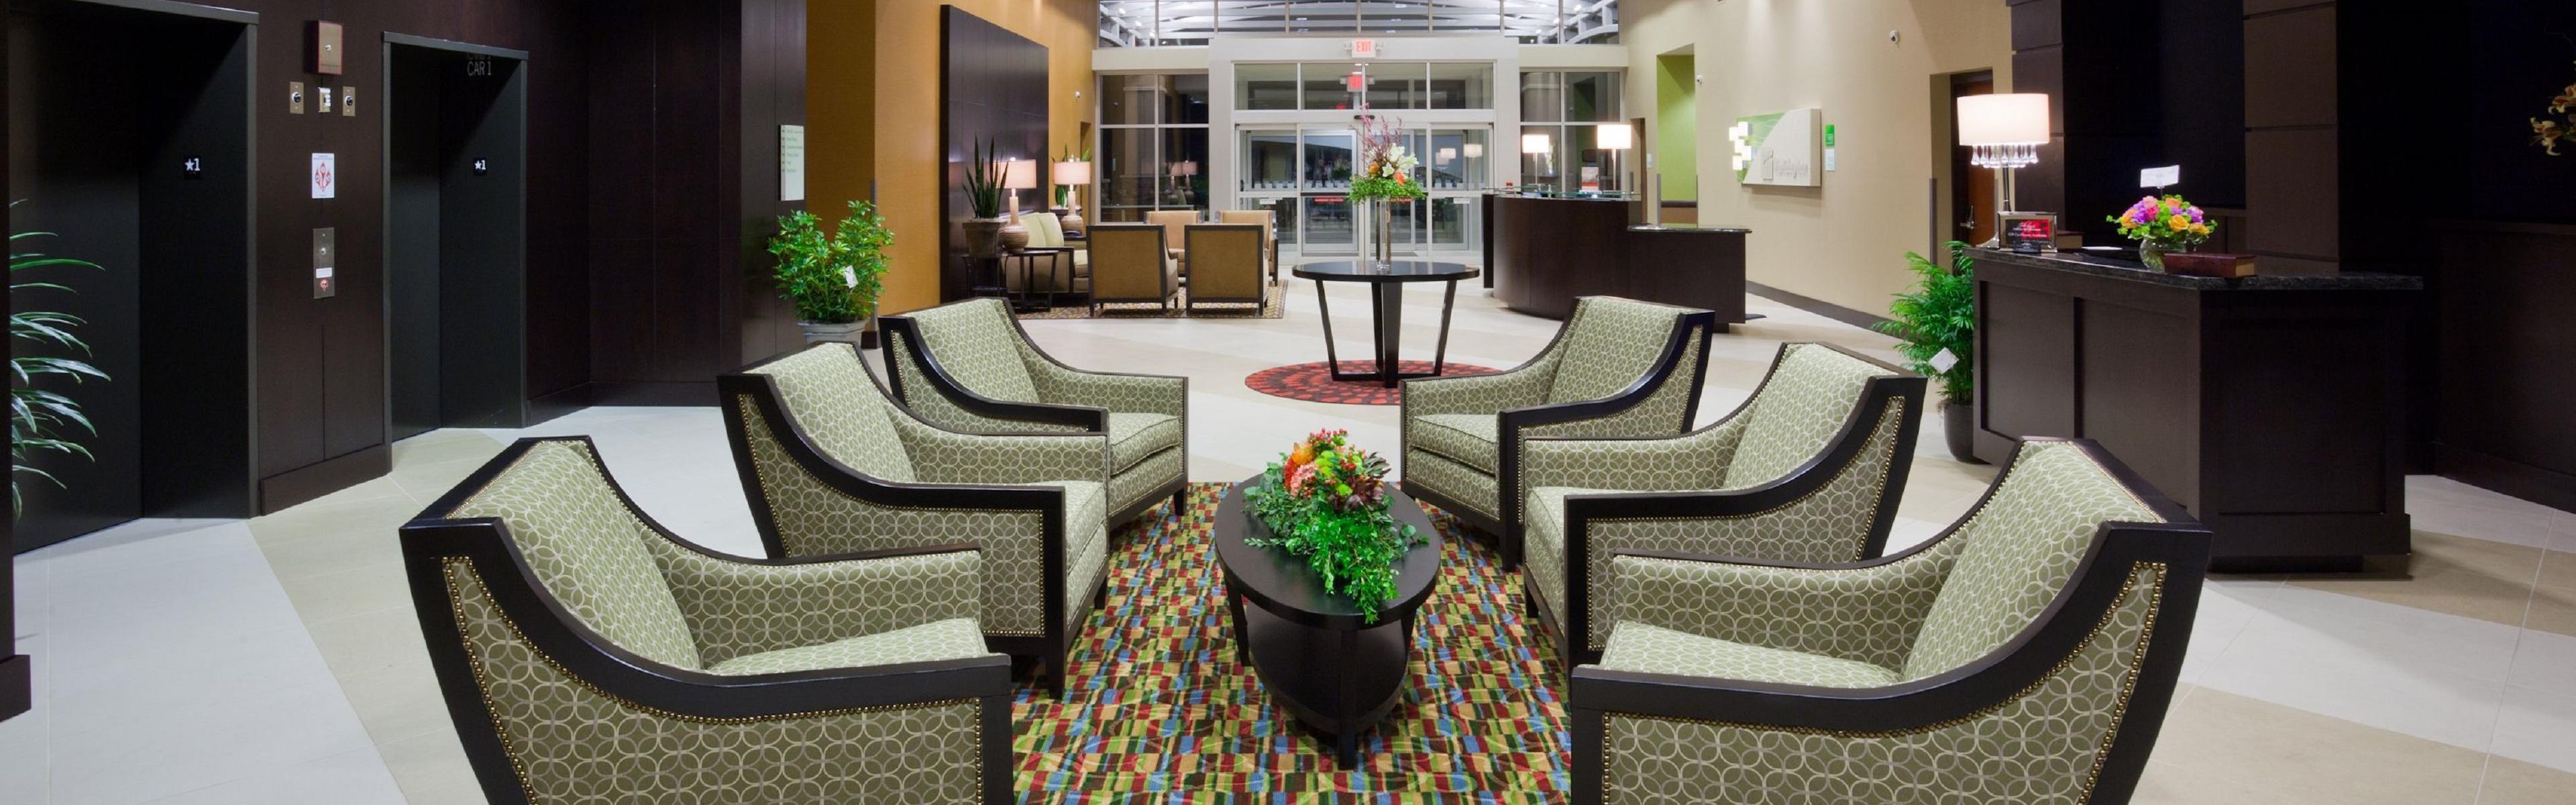 Hotel Lobby Area Holiday Inn Eau Claire South ...